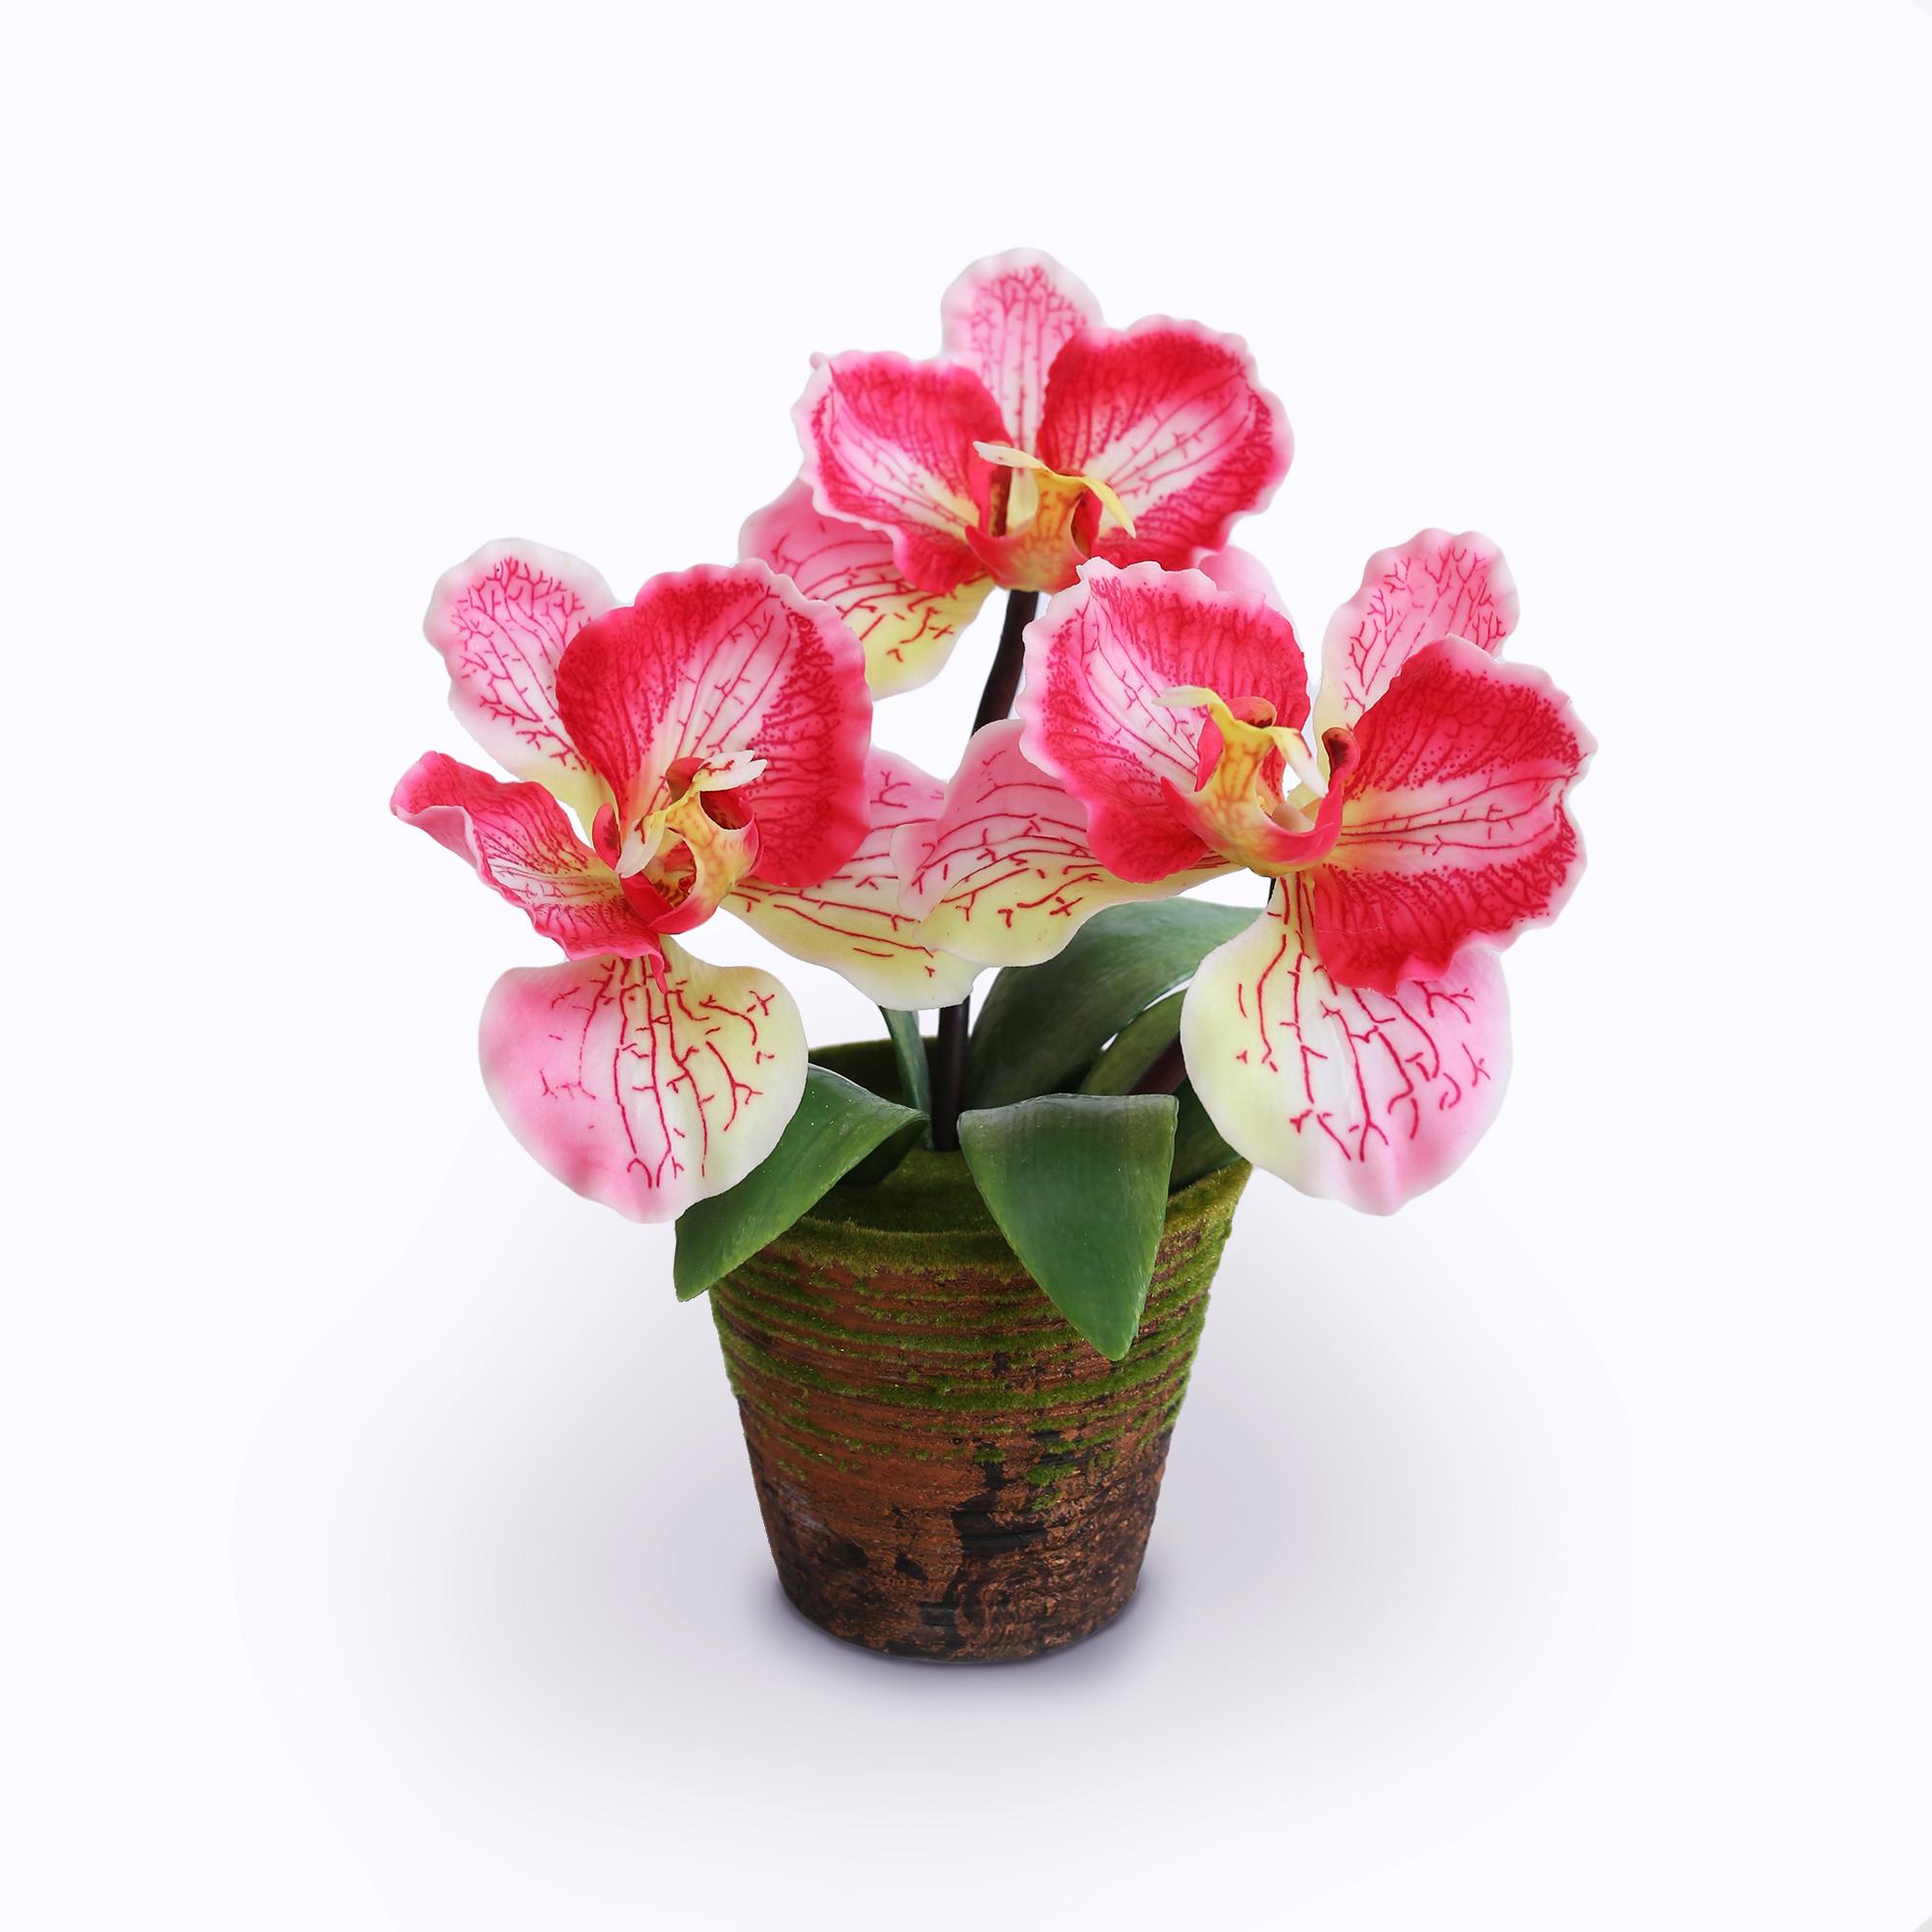 แจกันดอกไม้ประดิษฐ์ ฟาแลนนอฟซิส สีชมพู ขนาดกระทัดลัดเหมาะสำหรับตกแต่งโต๊ะ หรือมุมส่วนตัวต่างๆให้ดูเป็นธรรมชาติสวยงาม